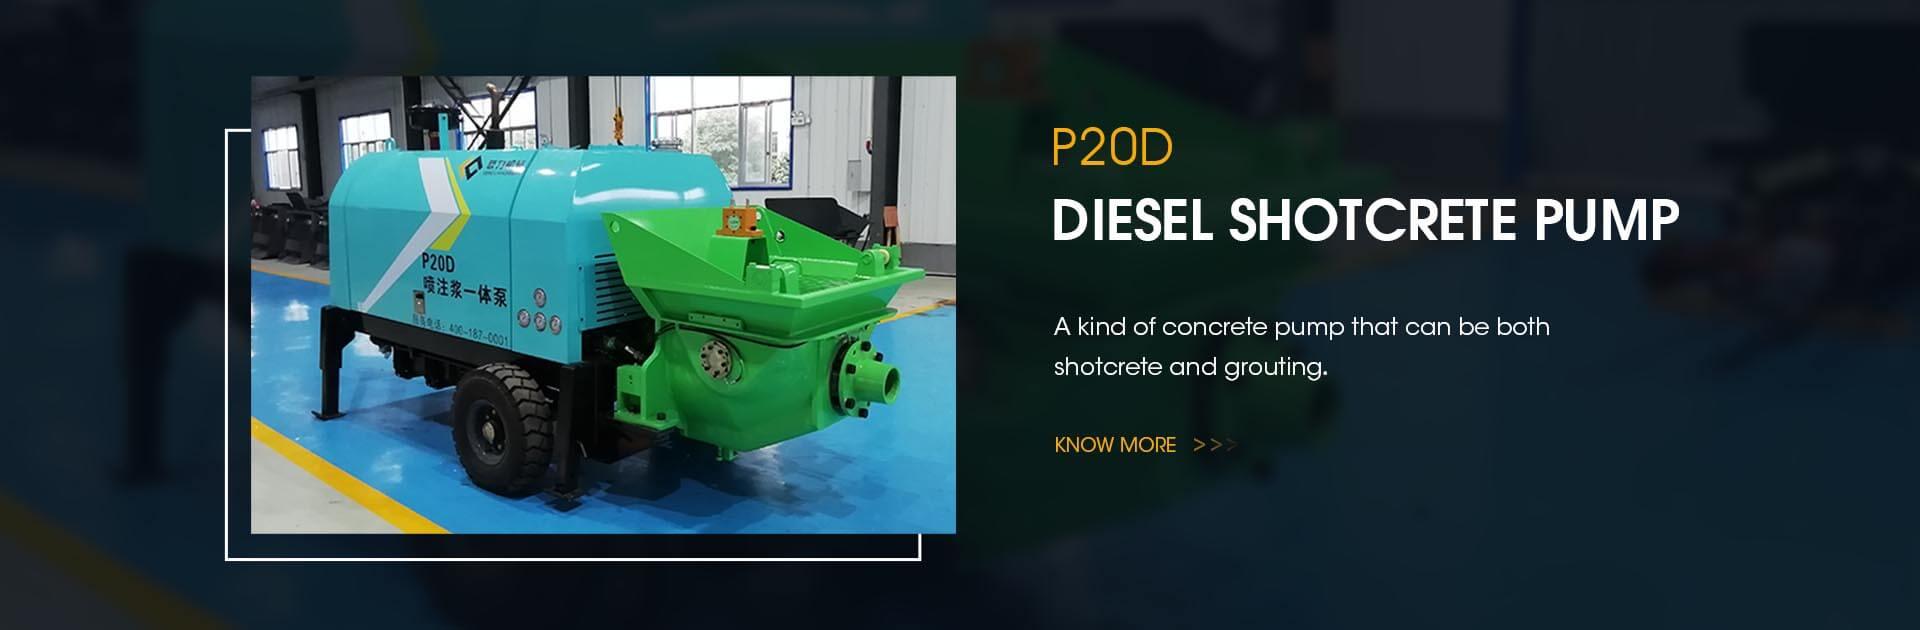 P20D Diesel shotcrete pump